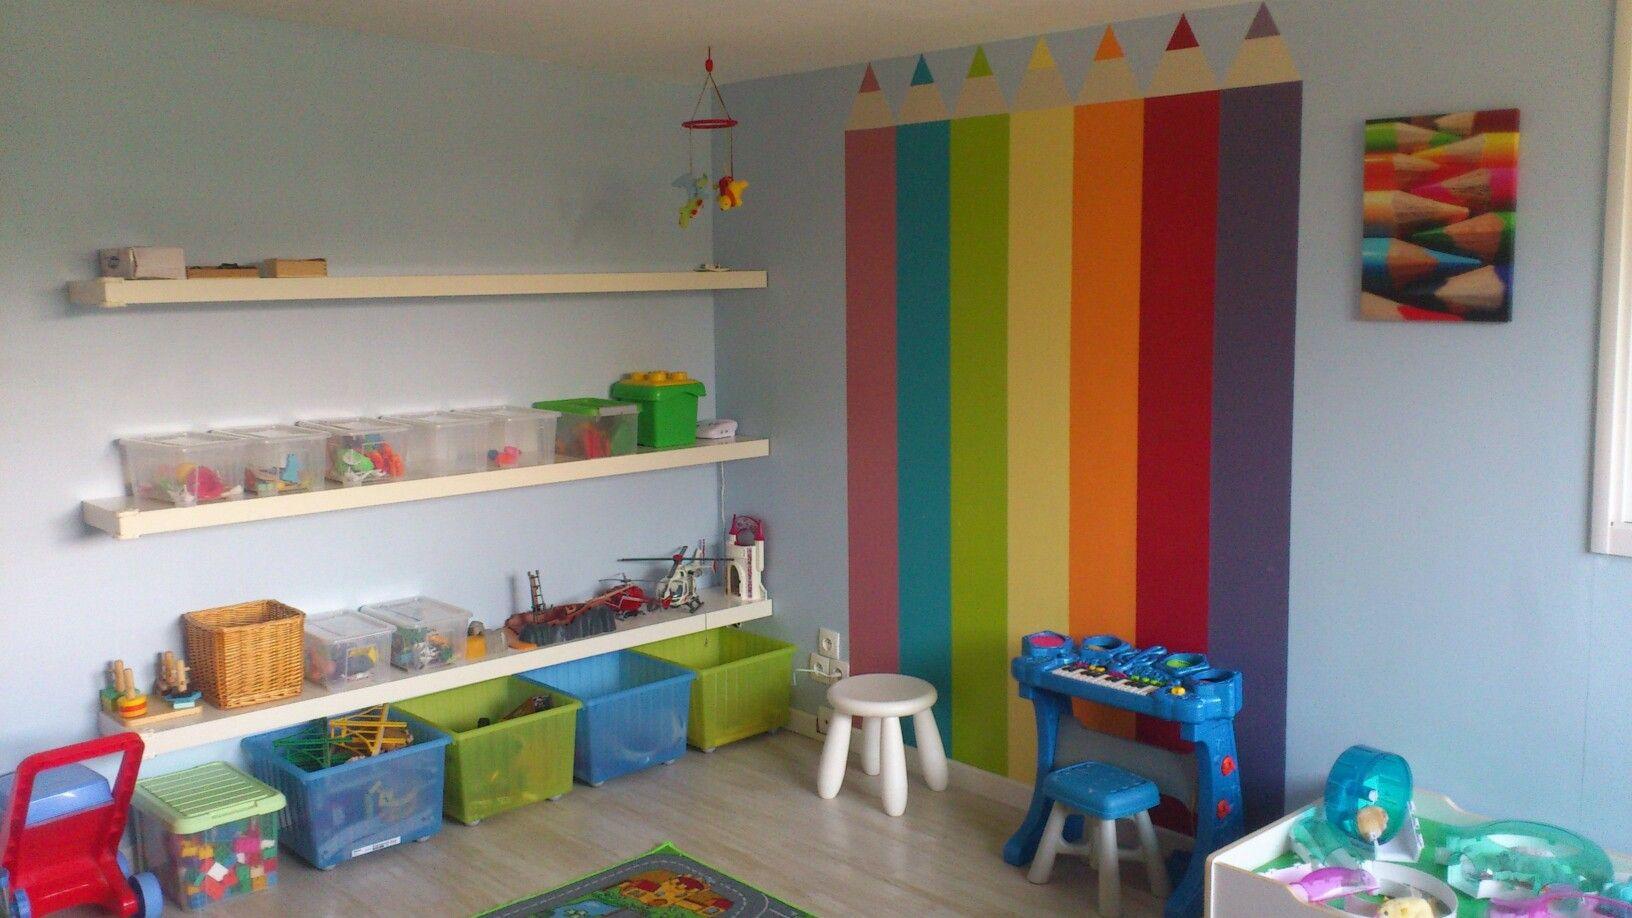 autre vue de la salle de jeux id es salle de jeux. Black Bedroom Furniture Sets. Home Design Ideas